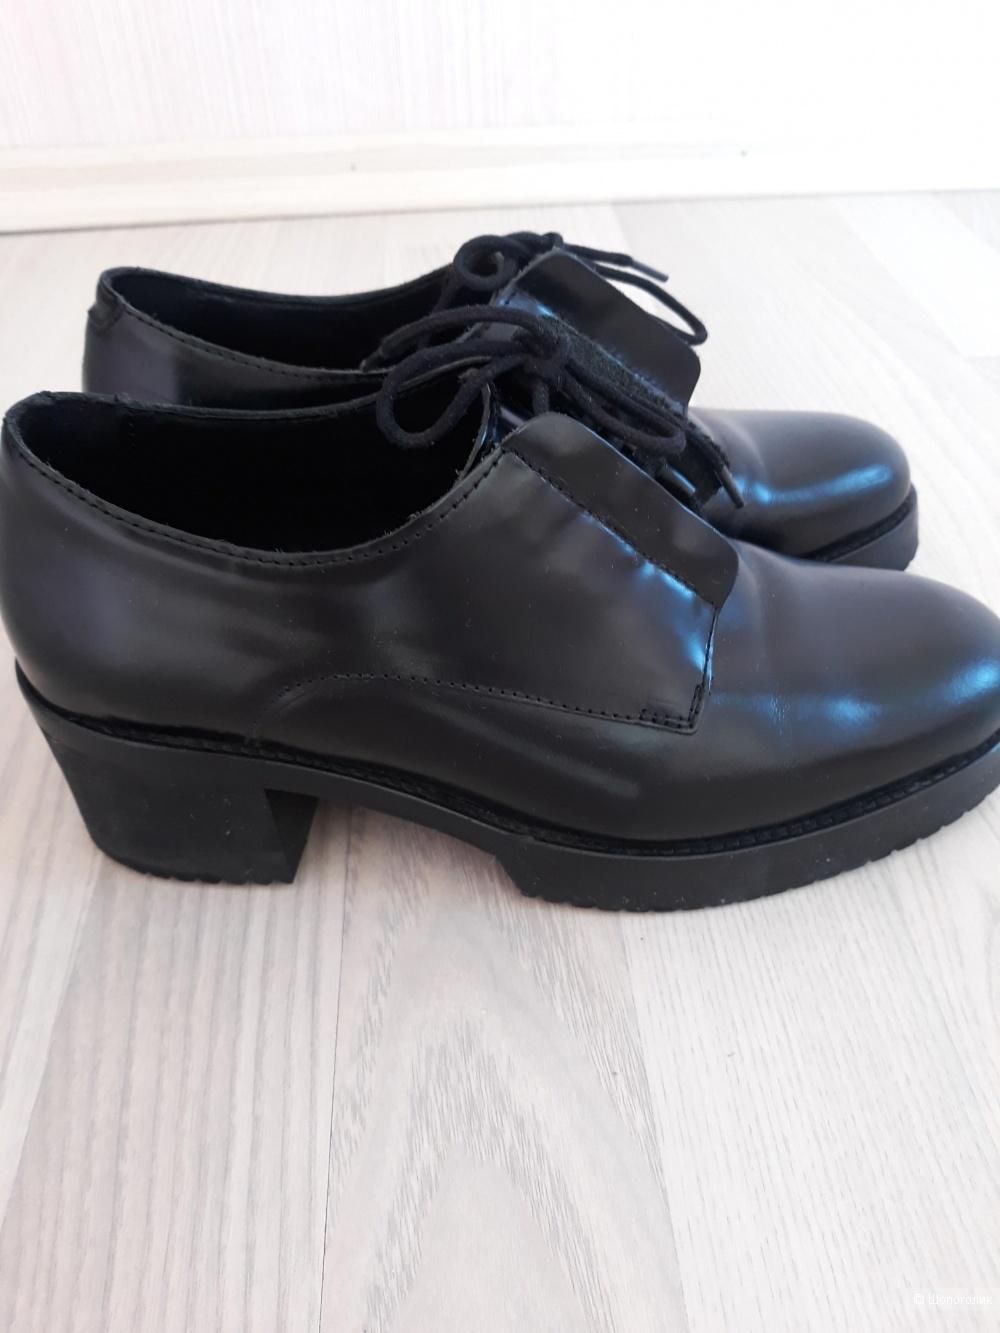 Ботинки COS, размер 36